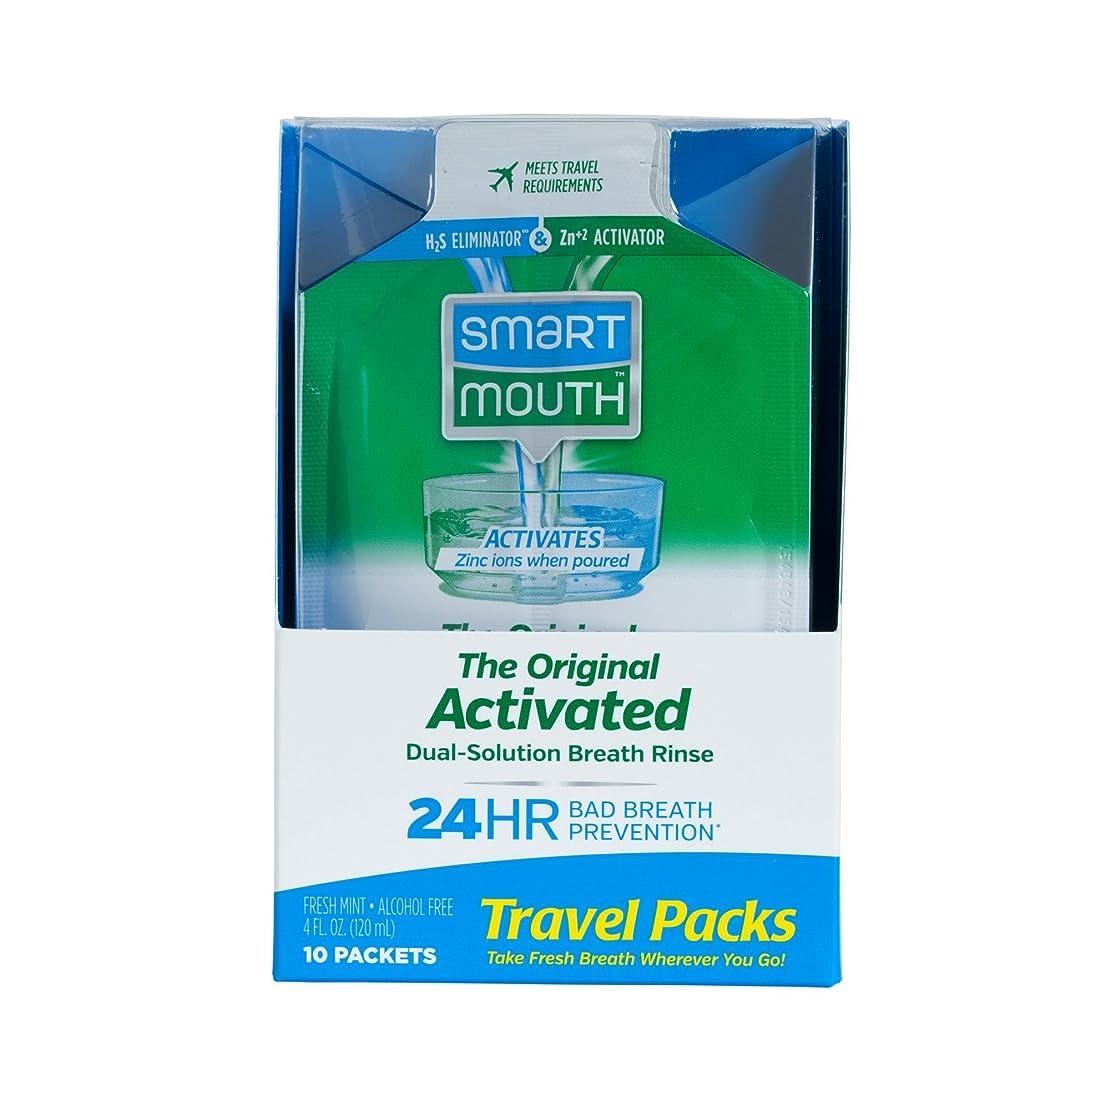 軽食雑多な唯物論SmartMouth Mouthwash Packets, Clean Mint, 10 Count by SmartMouth